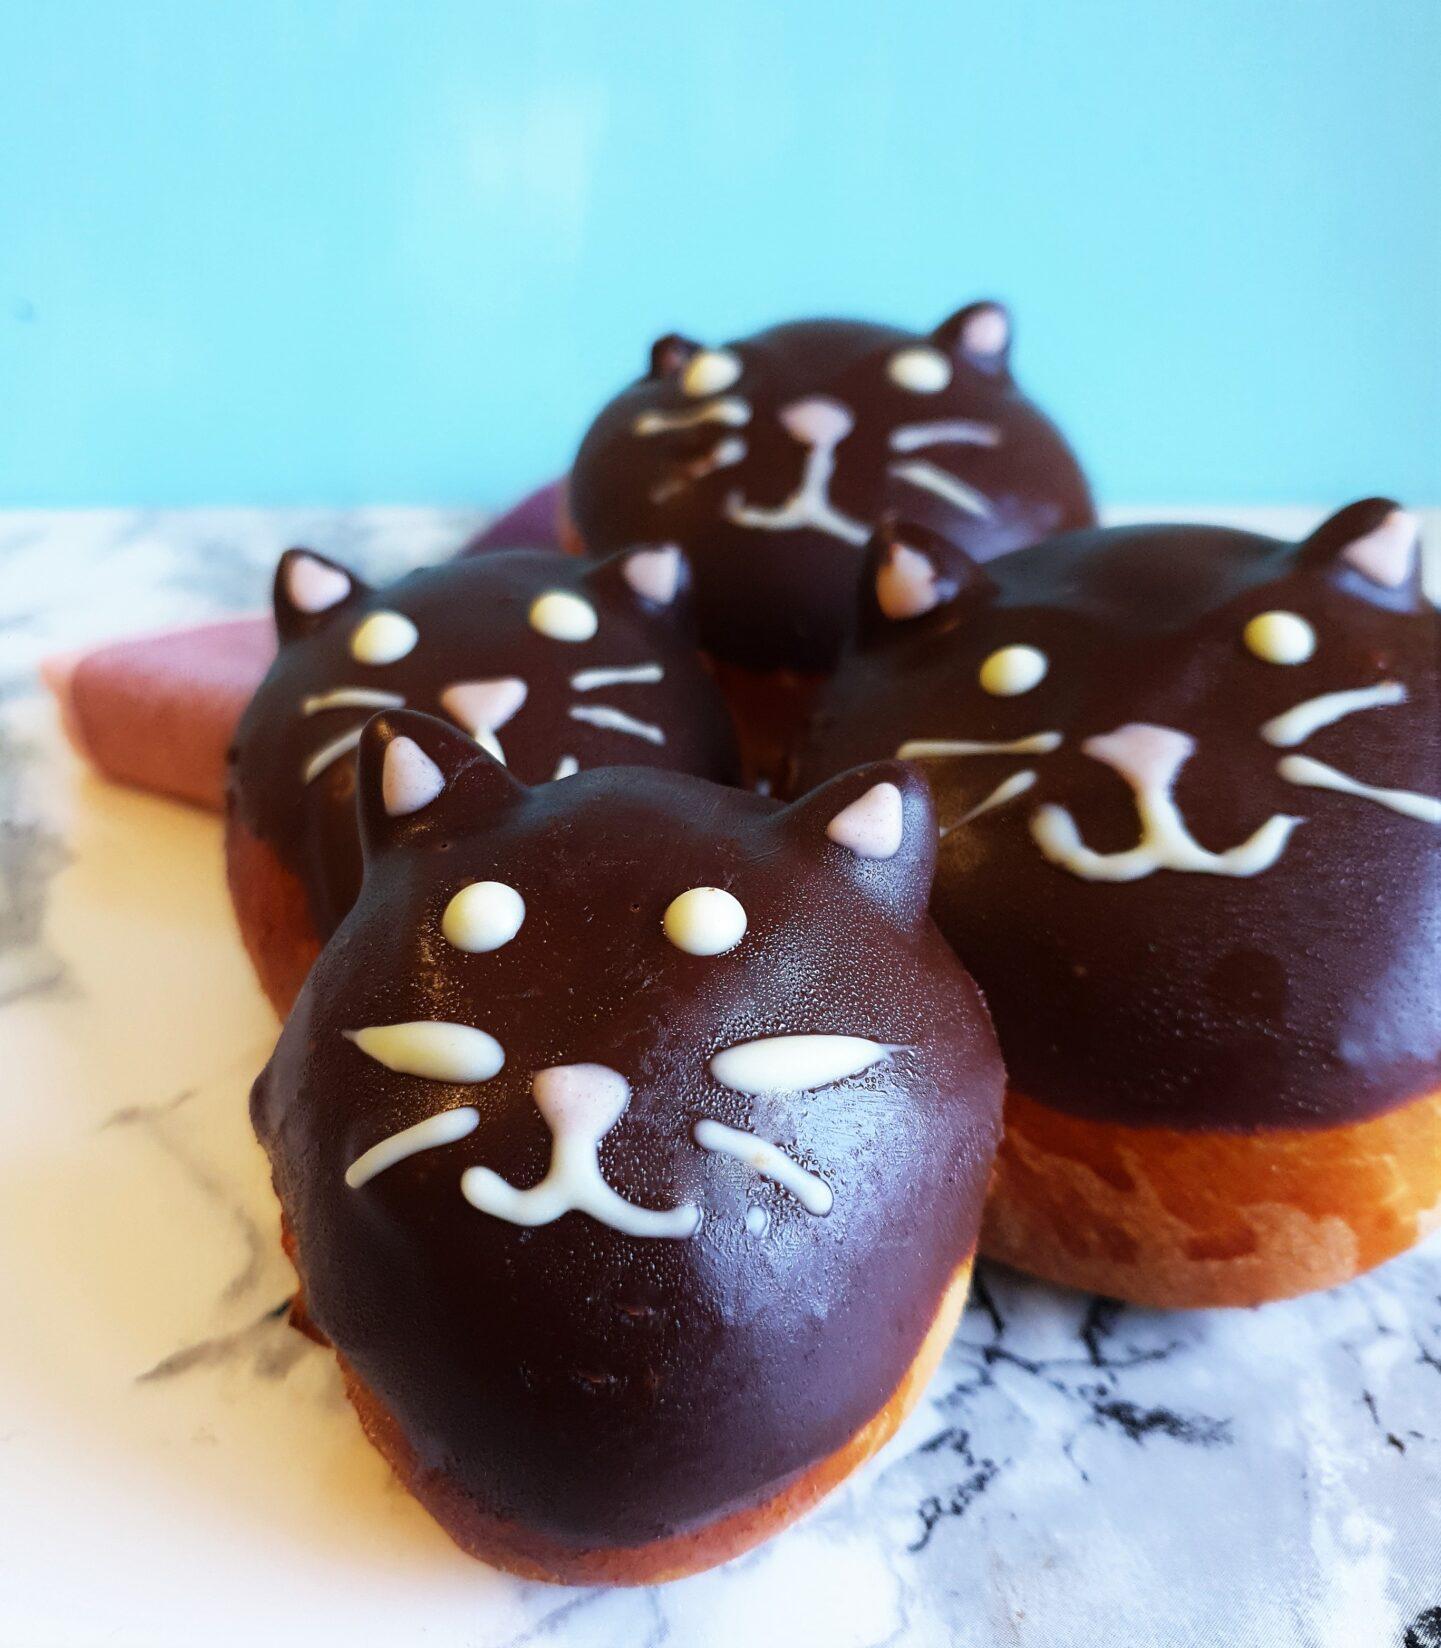 Fejr fastelavn med fastelavnsbolle katte